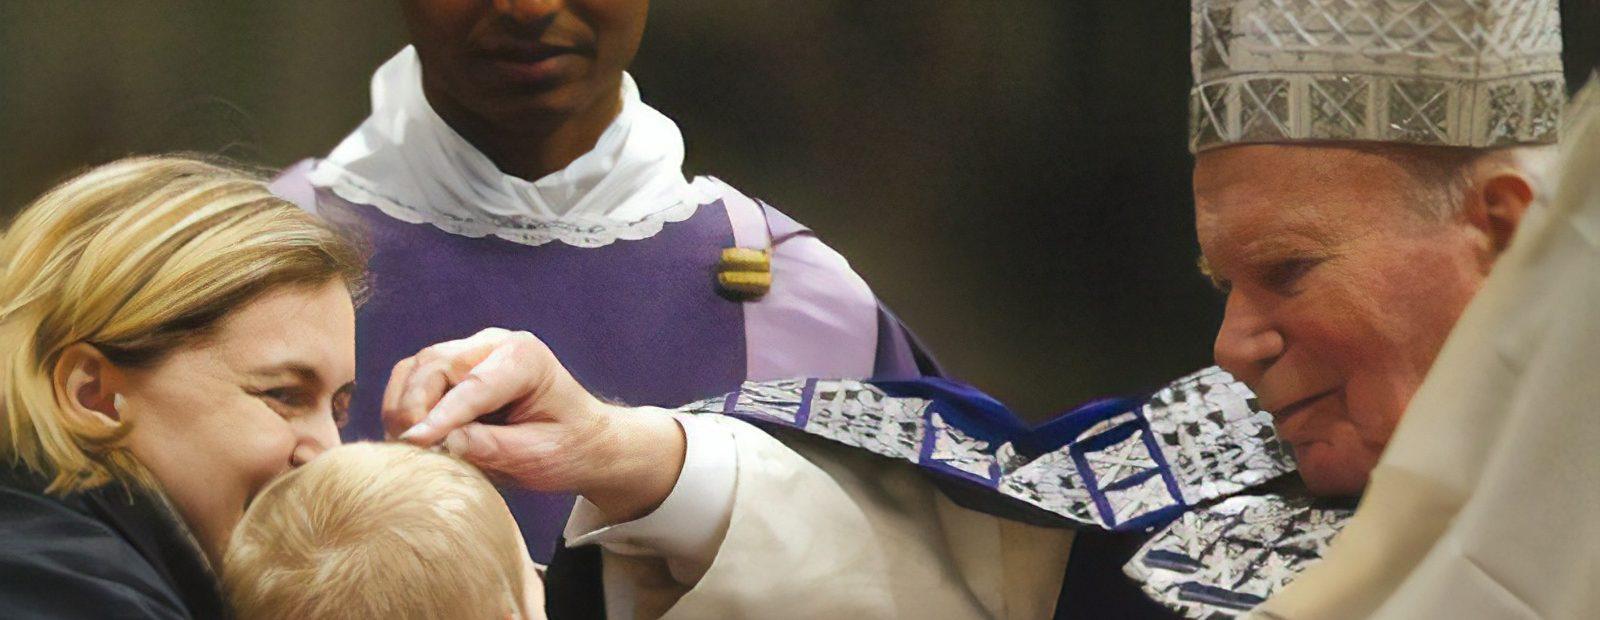 an Paweł II posypuje popiołem głowę małego chłopca podczas Mszy św. w Bazylice św. Piotra w Watykanie w Środę Popielcową 2004 r.